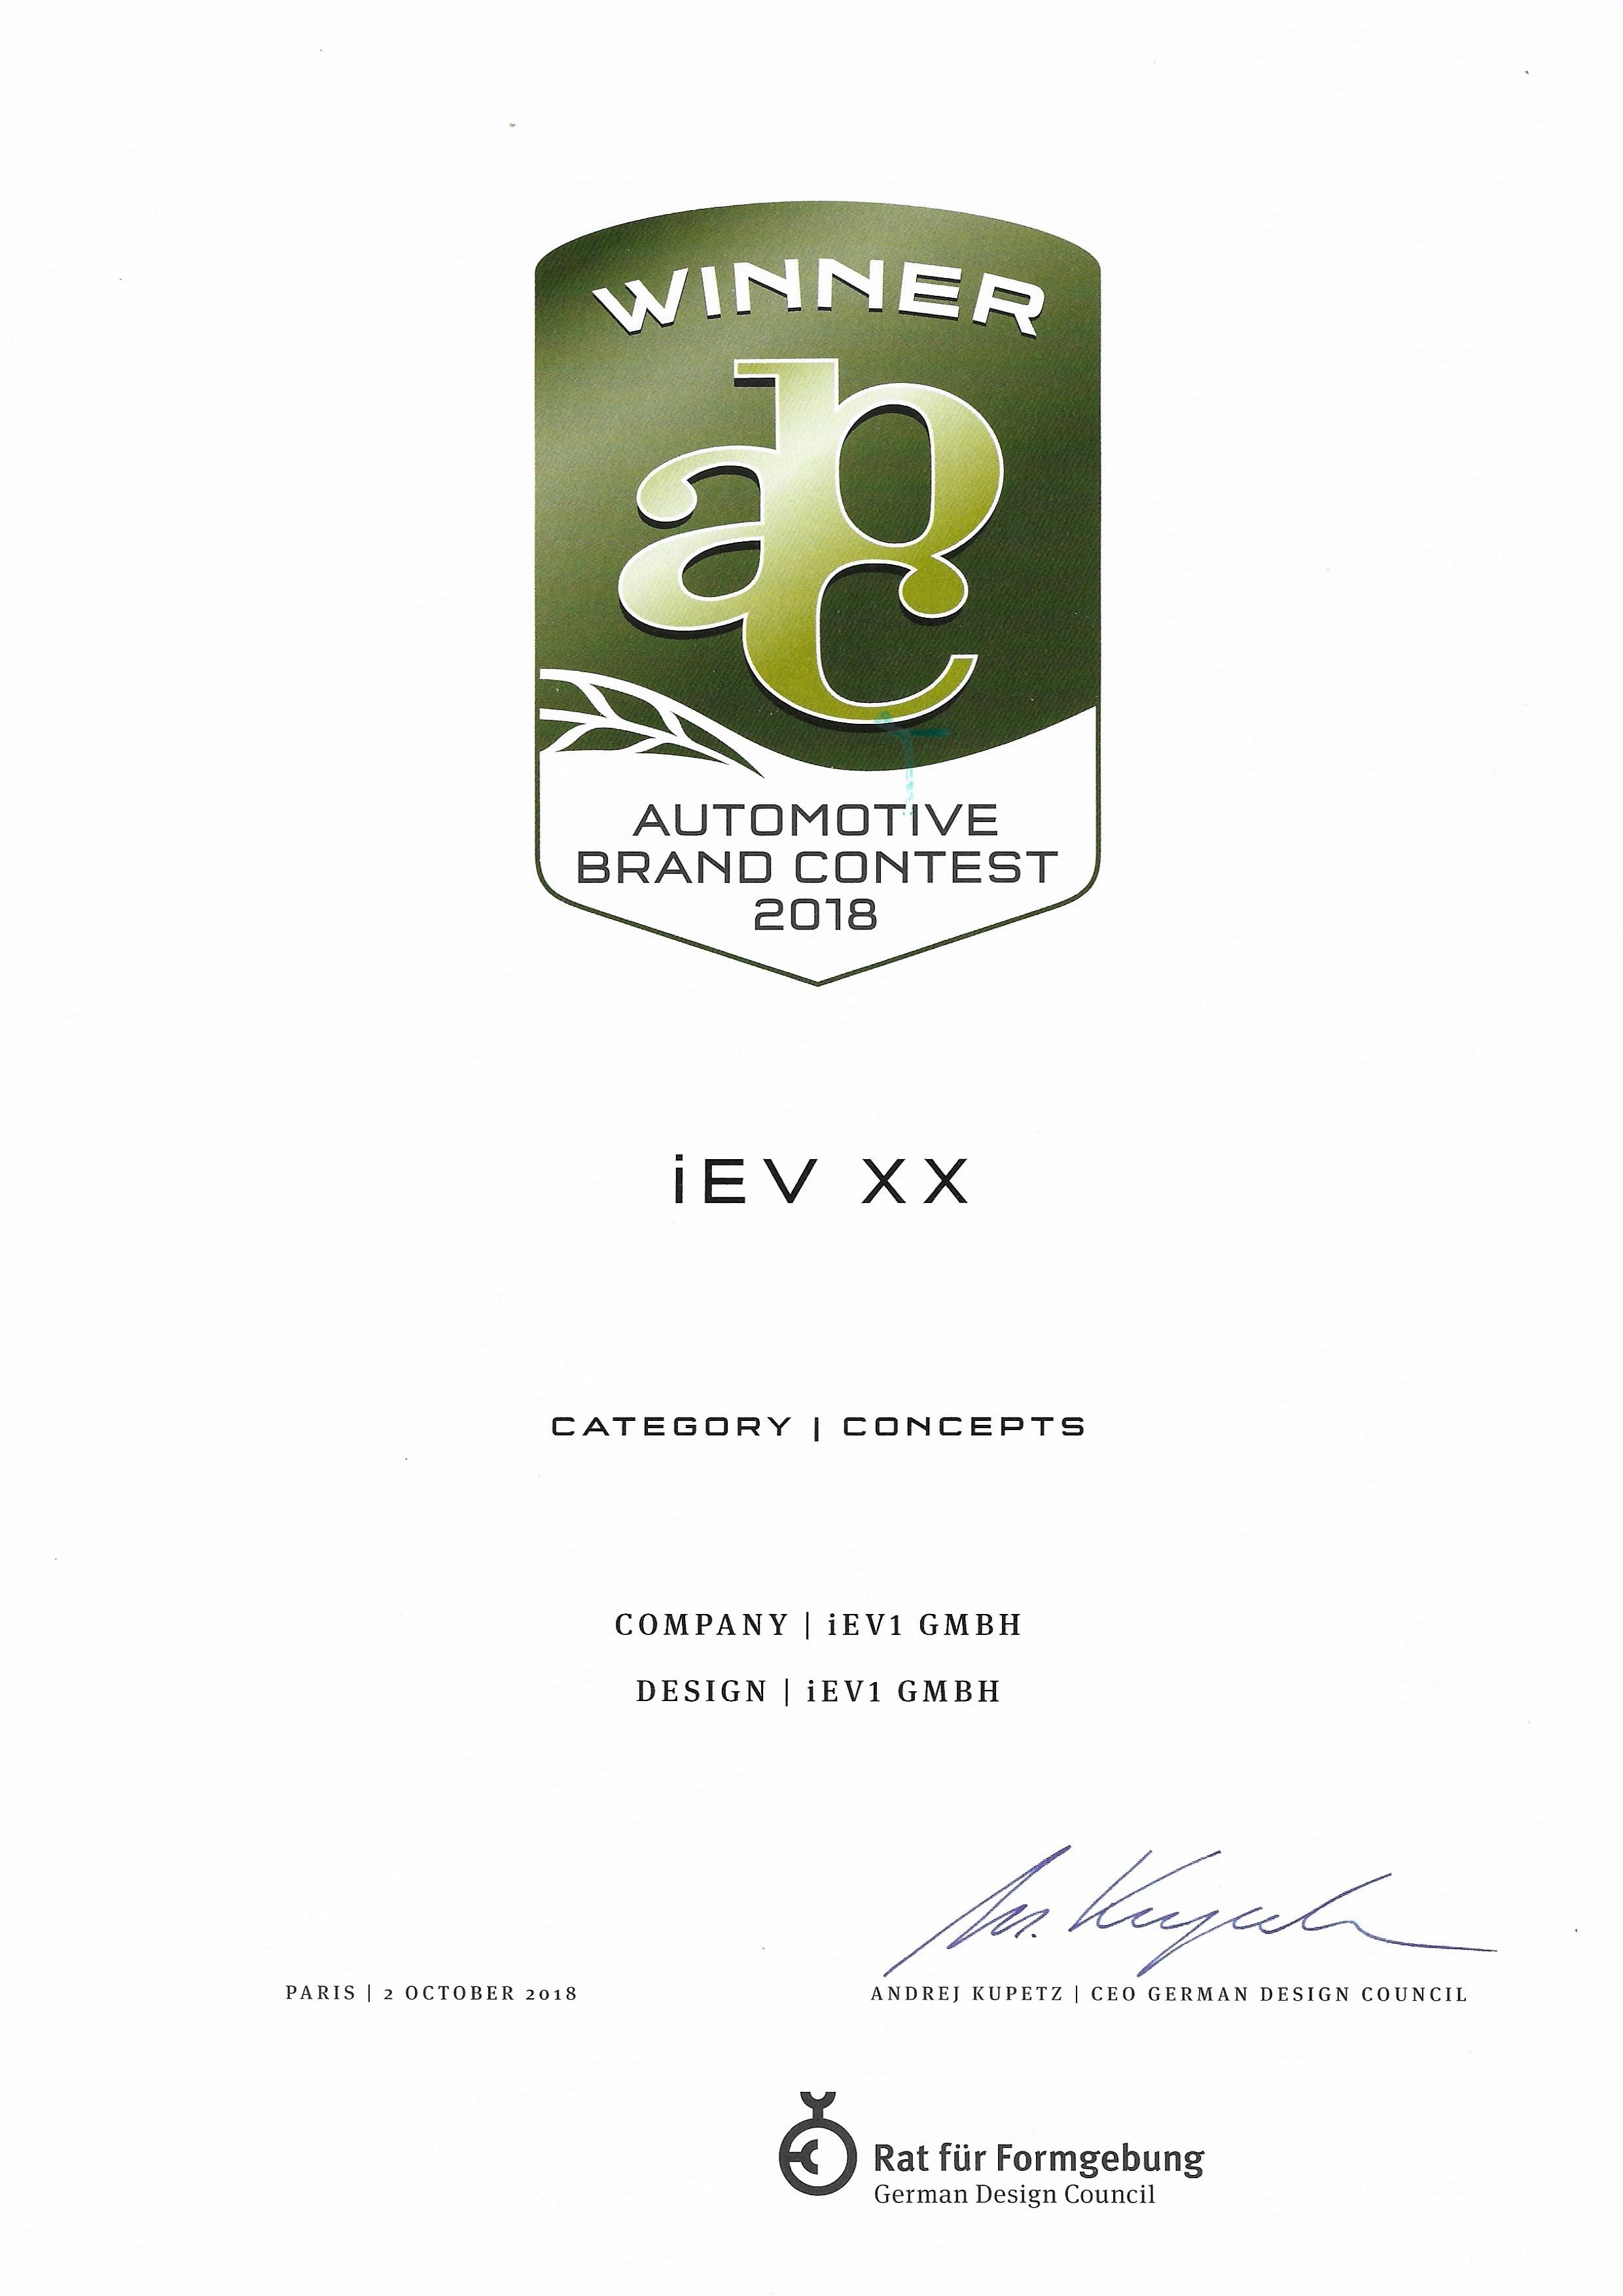 iEV XX WinnerAutomotive Brand Contest - iEV XX CATEGORY Concept winner Automotive brand contest 2018